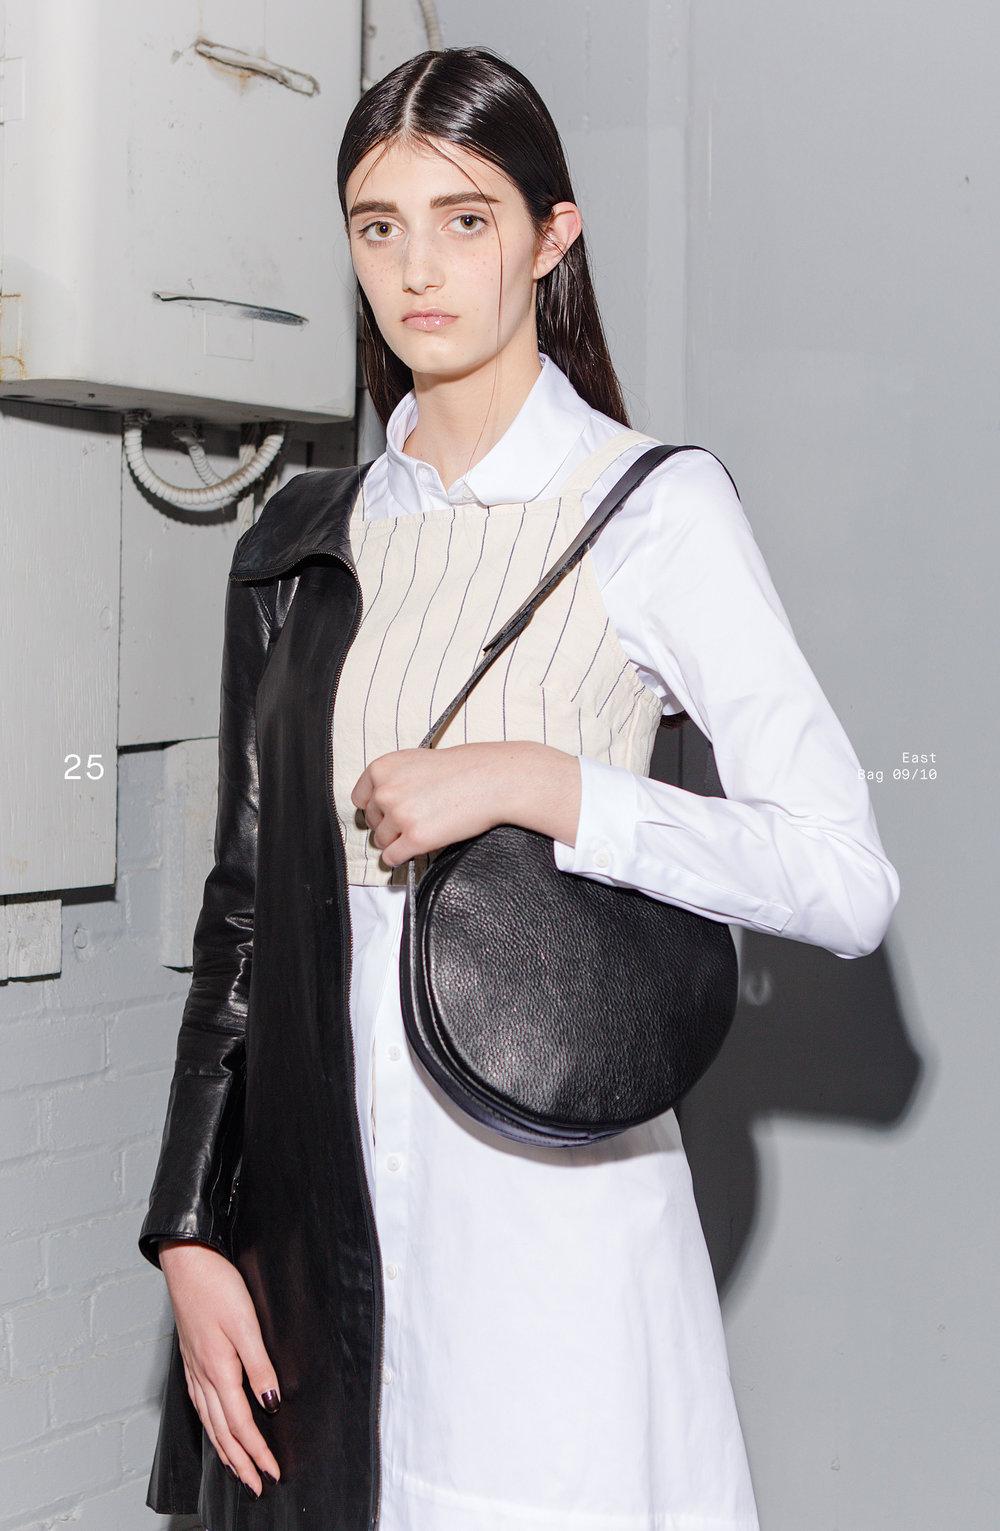 Sonya Lee - East bag 09/10